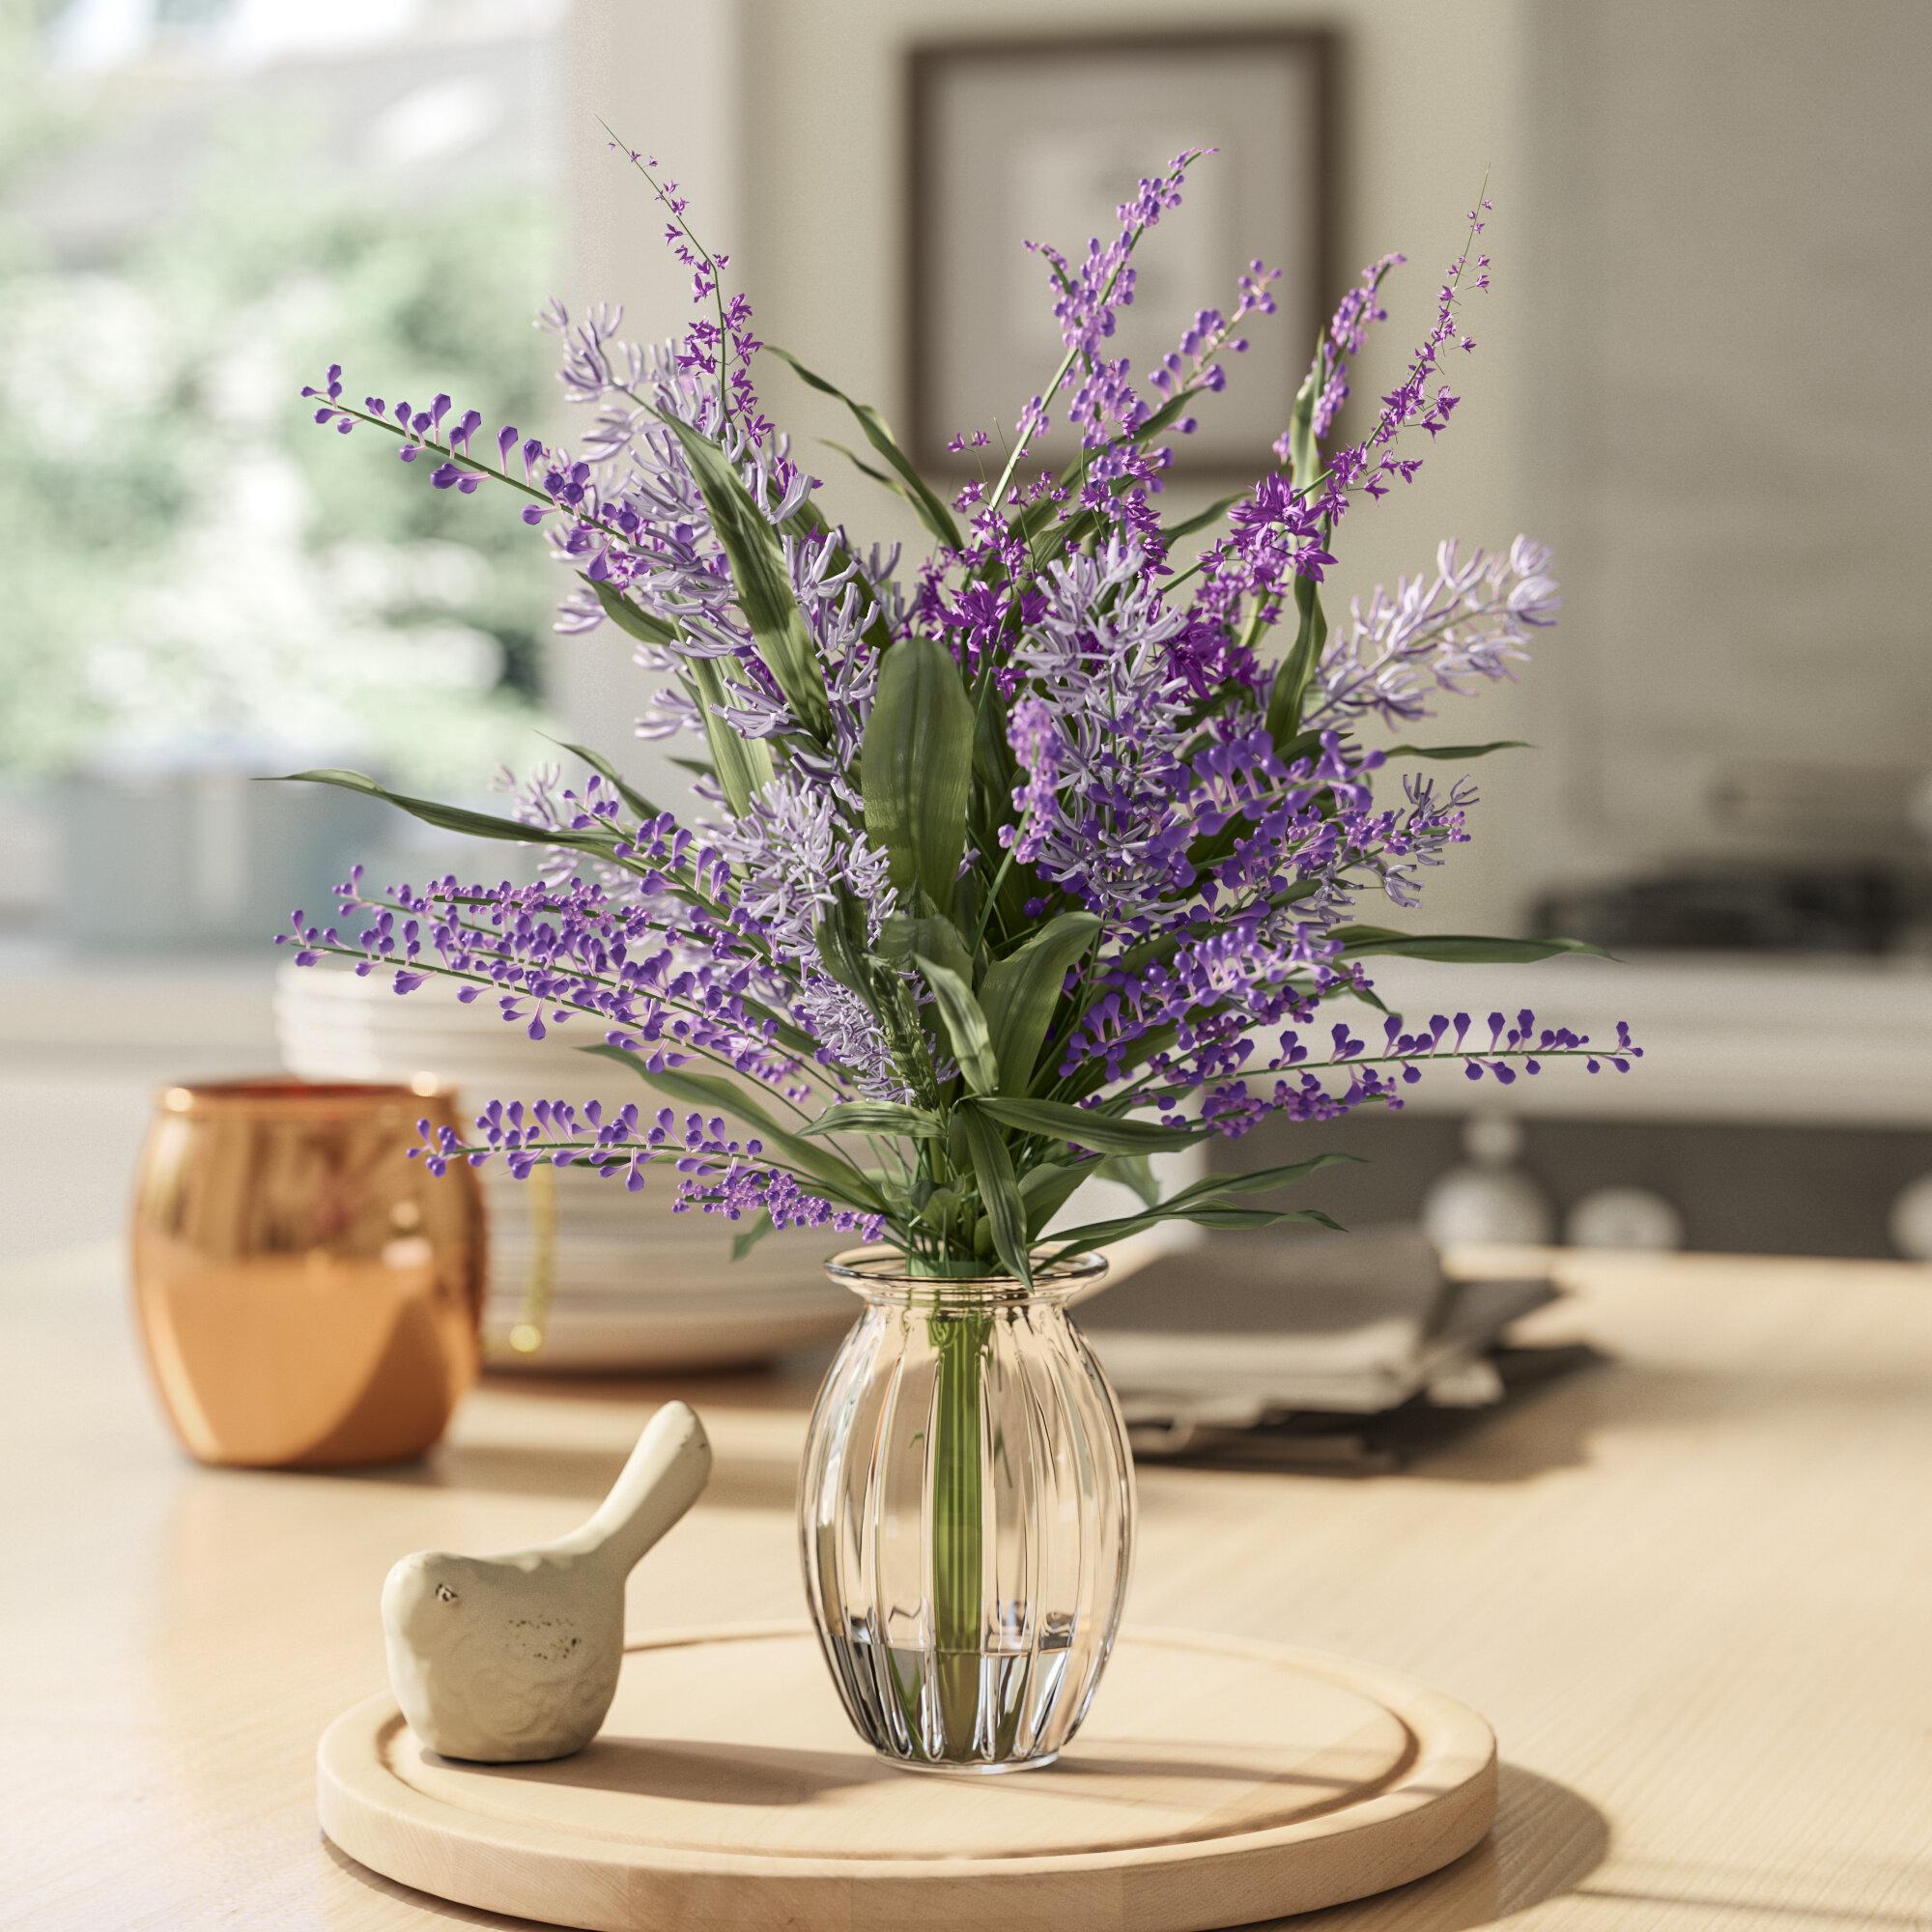 Laurel Foundry Modern Farmhouse Lavender Plant Floral Arrangement In Decorative Vase Reviews